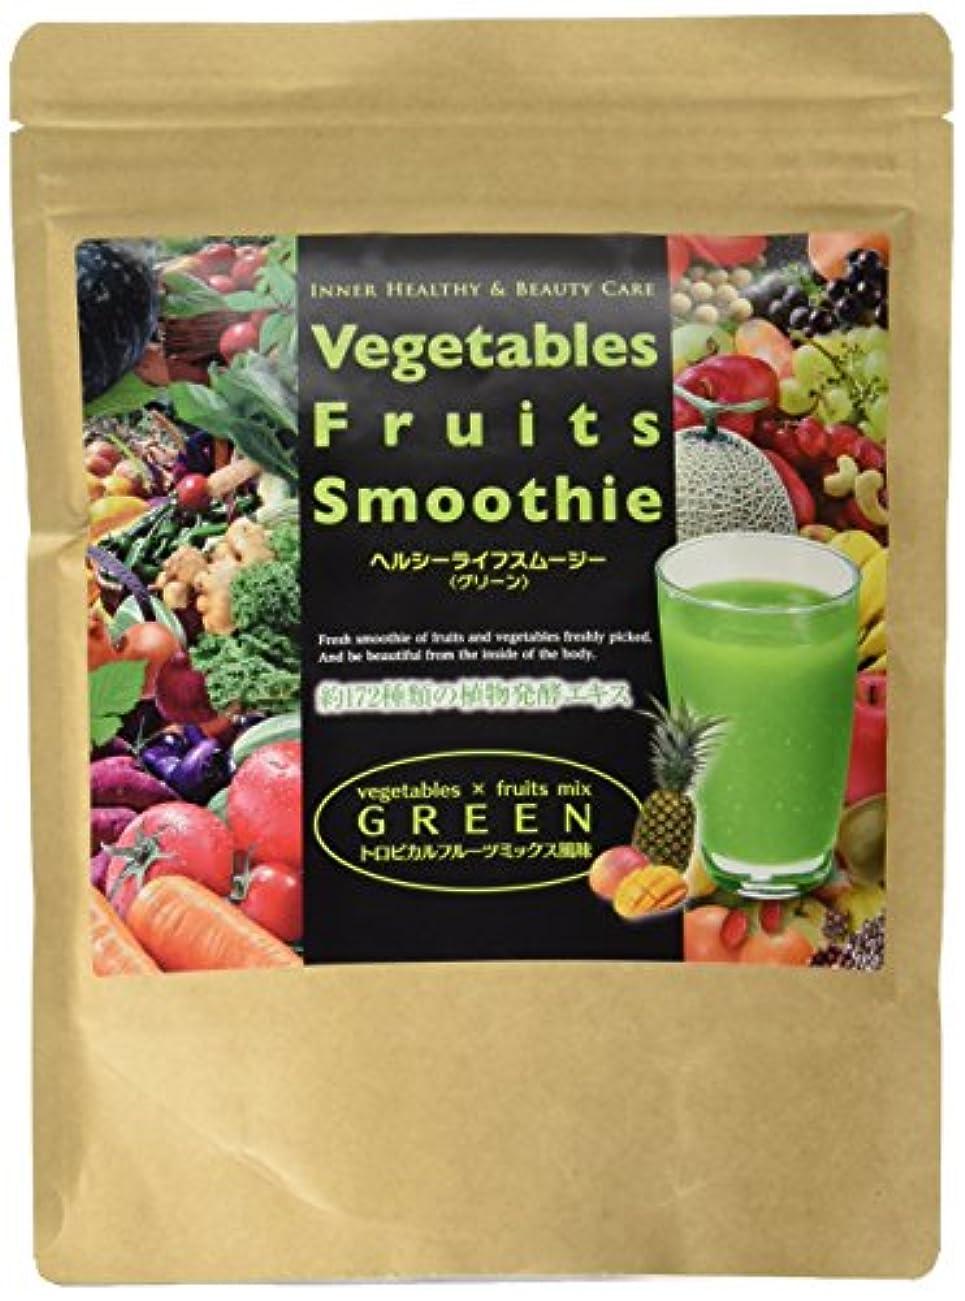 ボールオアシス石炭Vegetables Fruits Smoothie ヘルシーライフスムージー(グリーン)トロピカルフルーツミックス味 300g 日本製